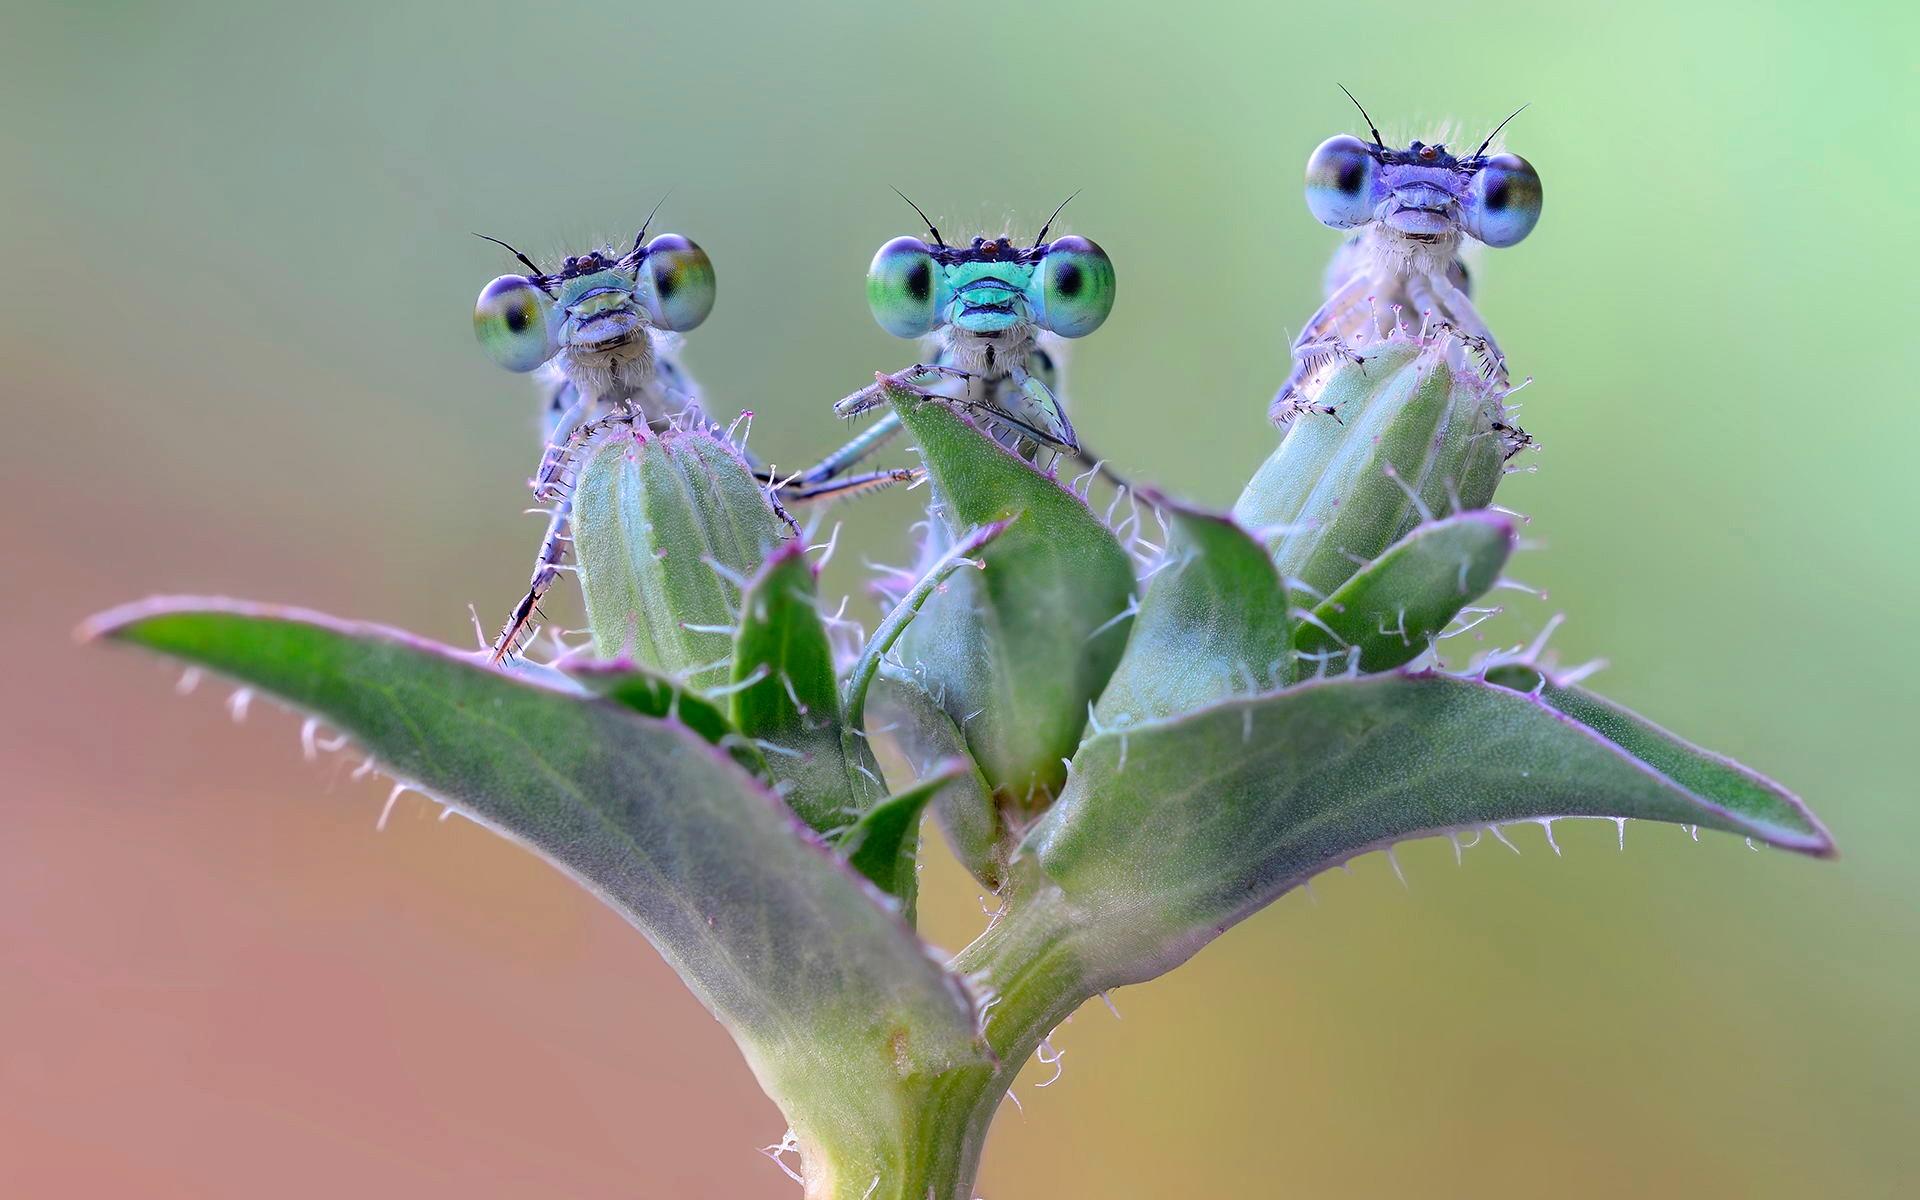 Классные открытки, смешные картинки насекомое